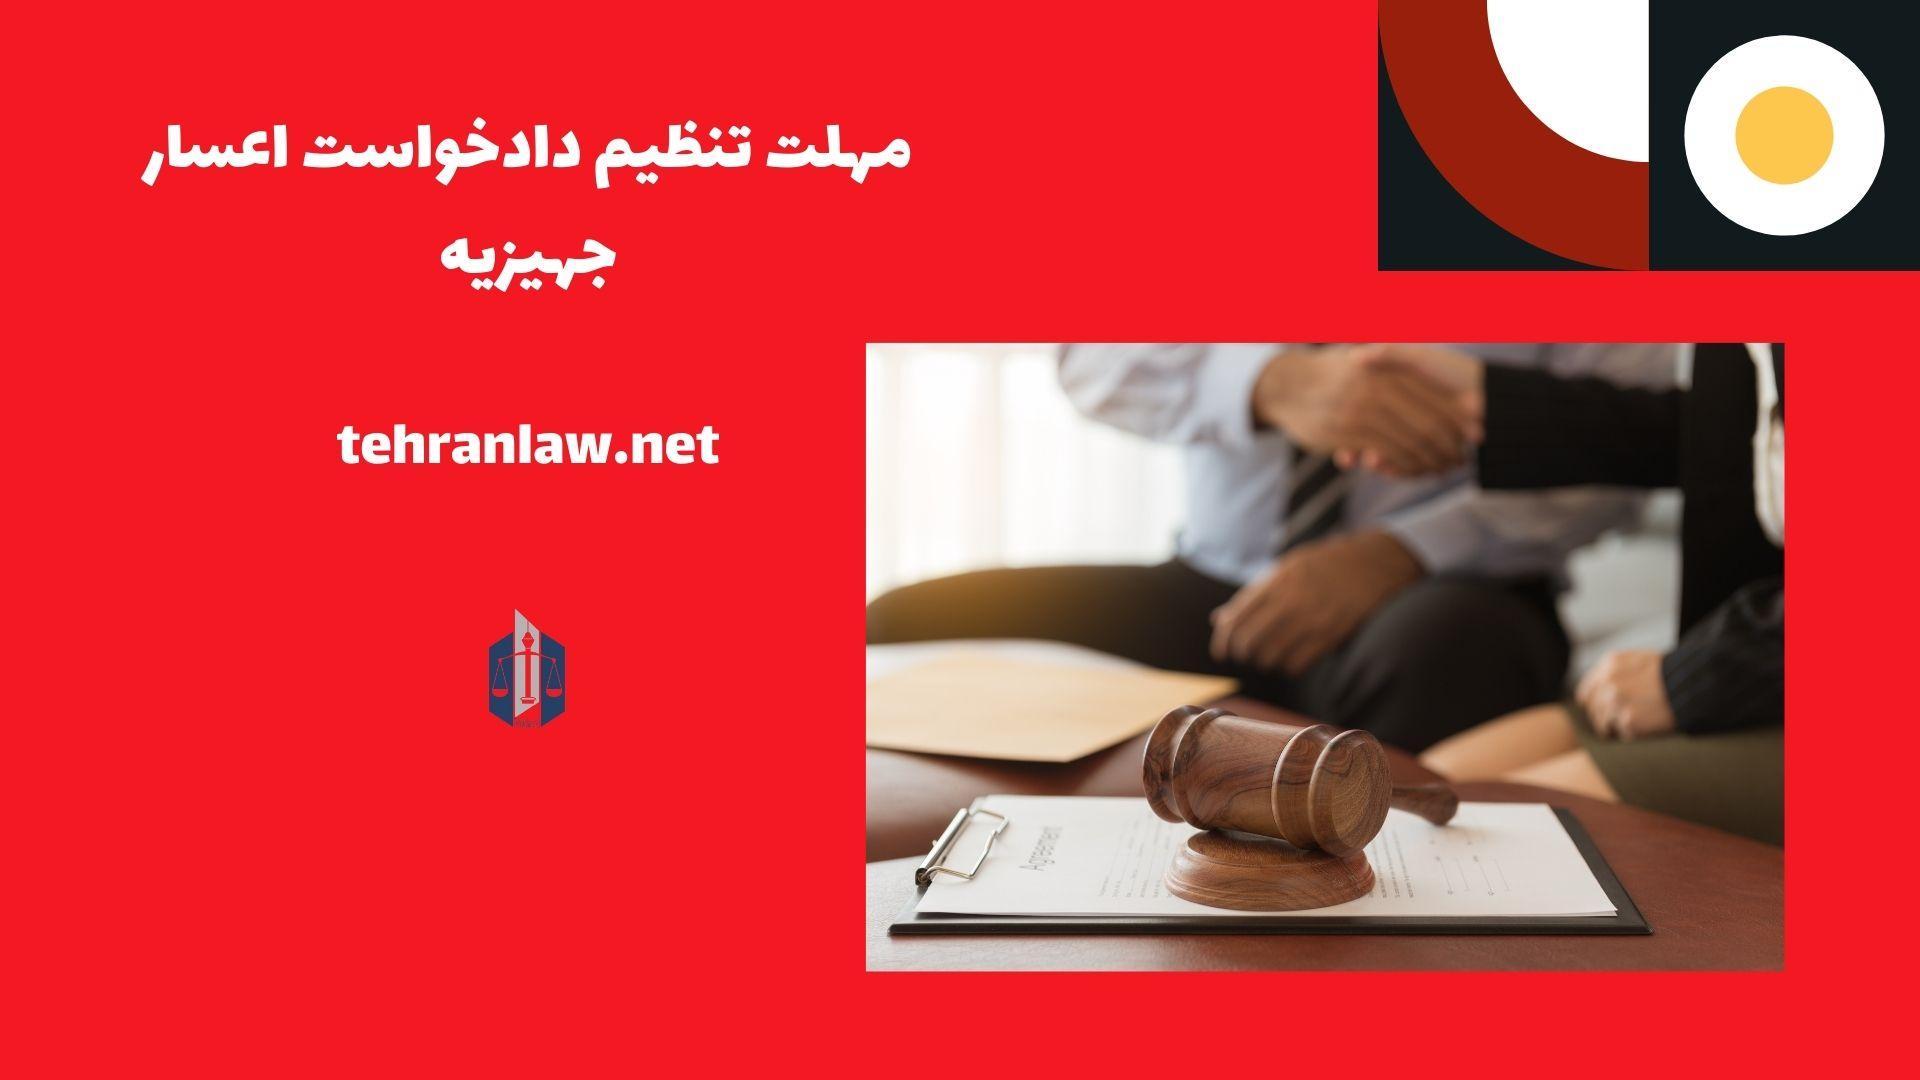 مهلت تنظیم دادخواست اعسار جهیزیه